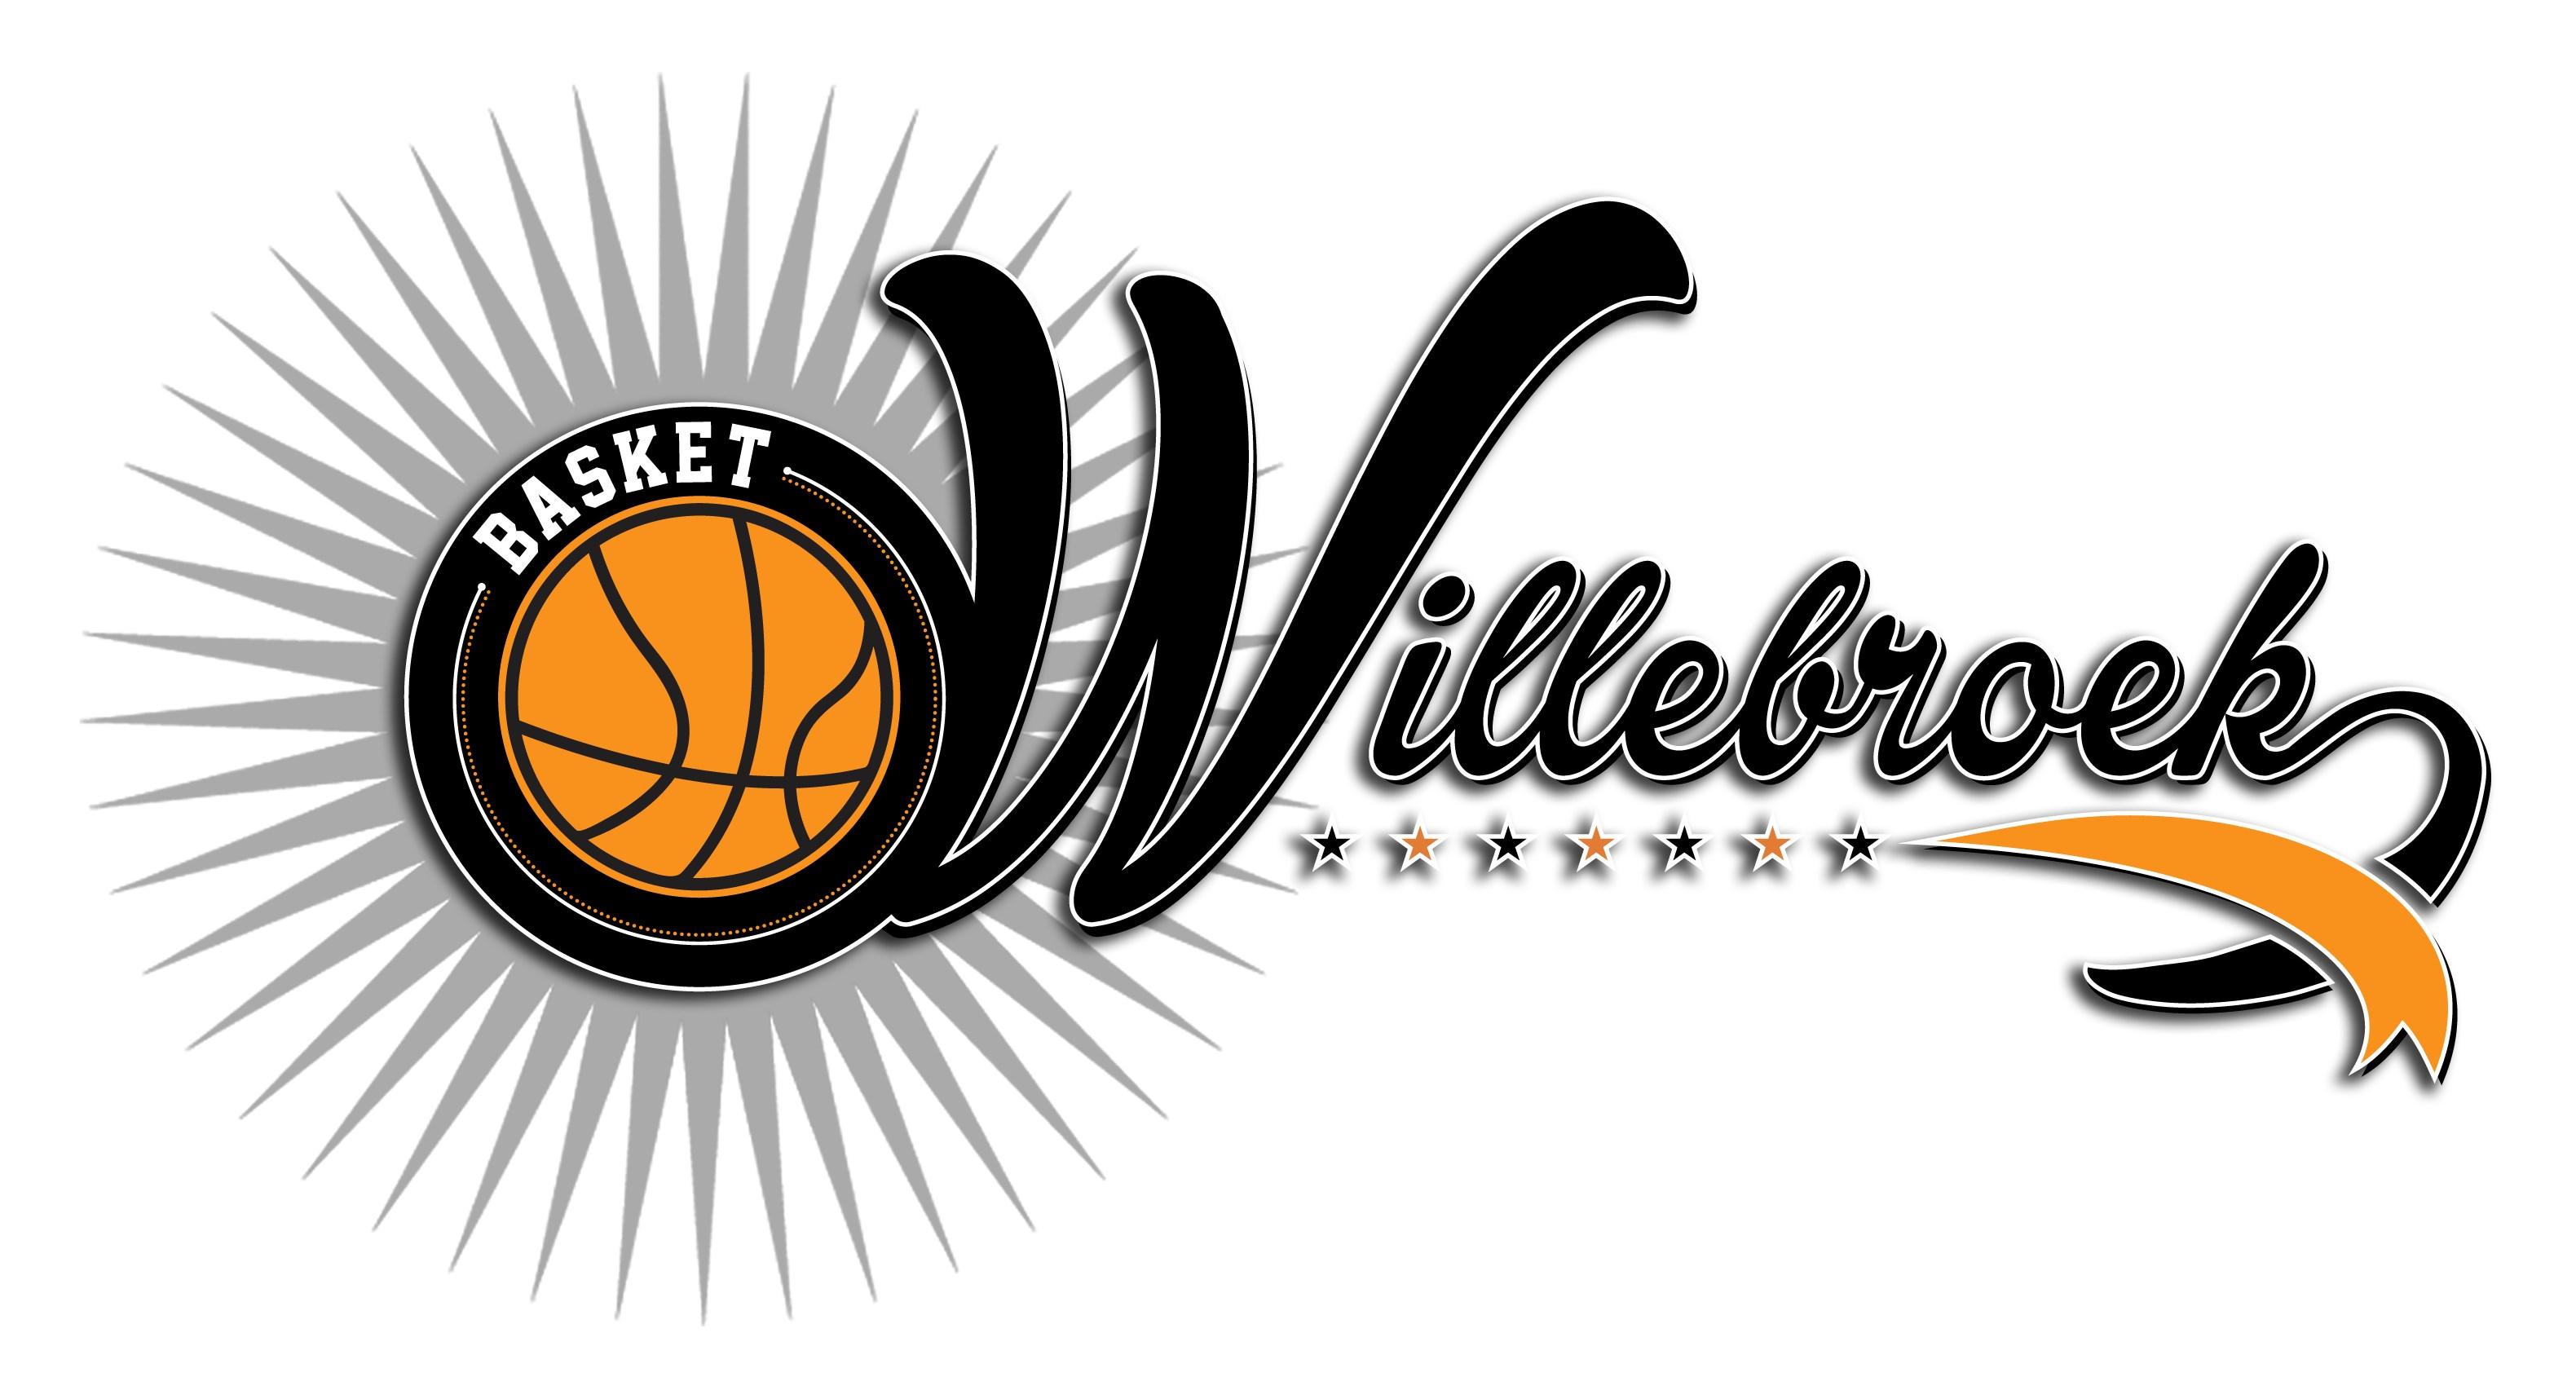 Le nouveau logo de Basket Willebroek